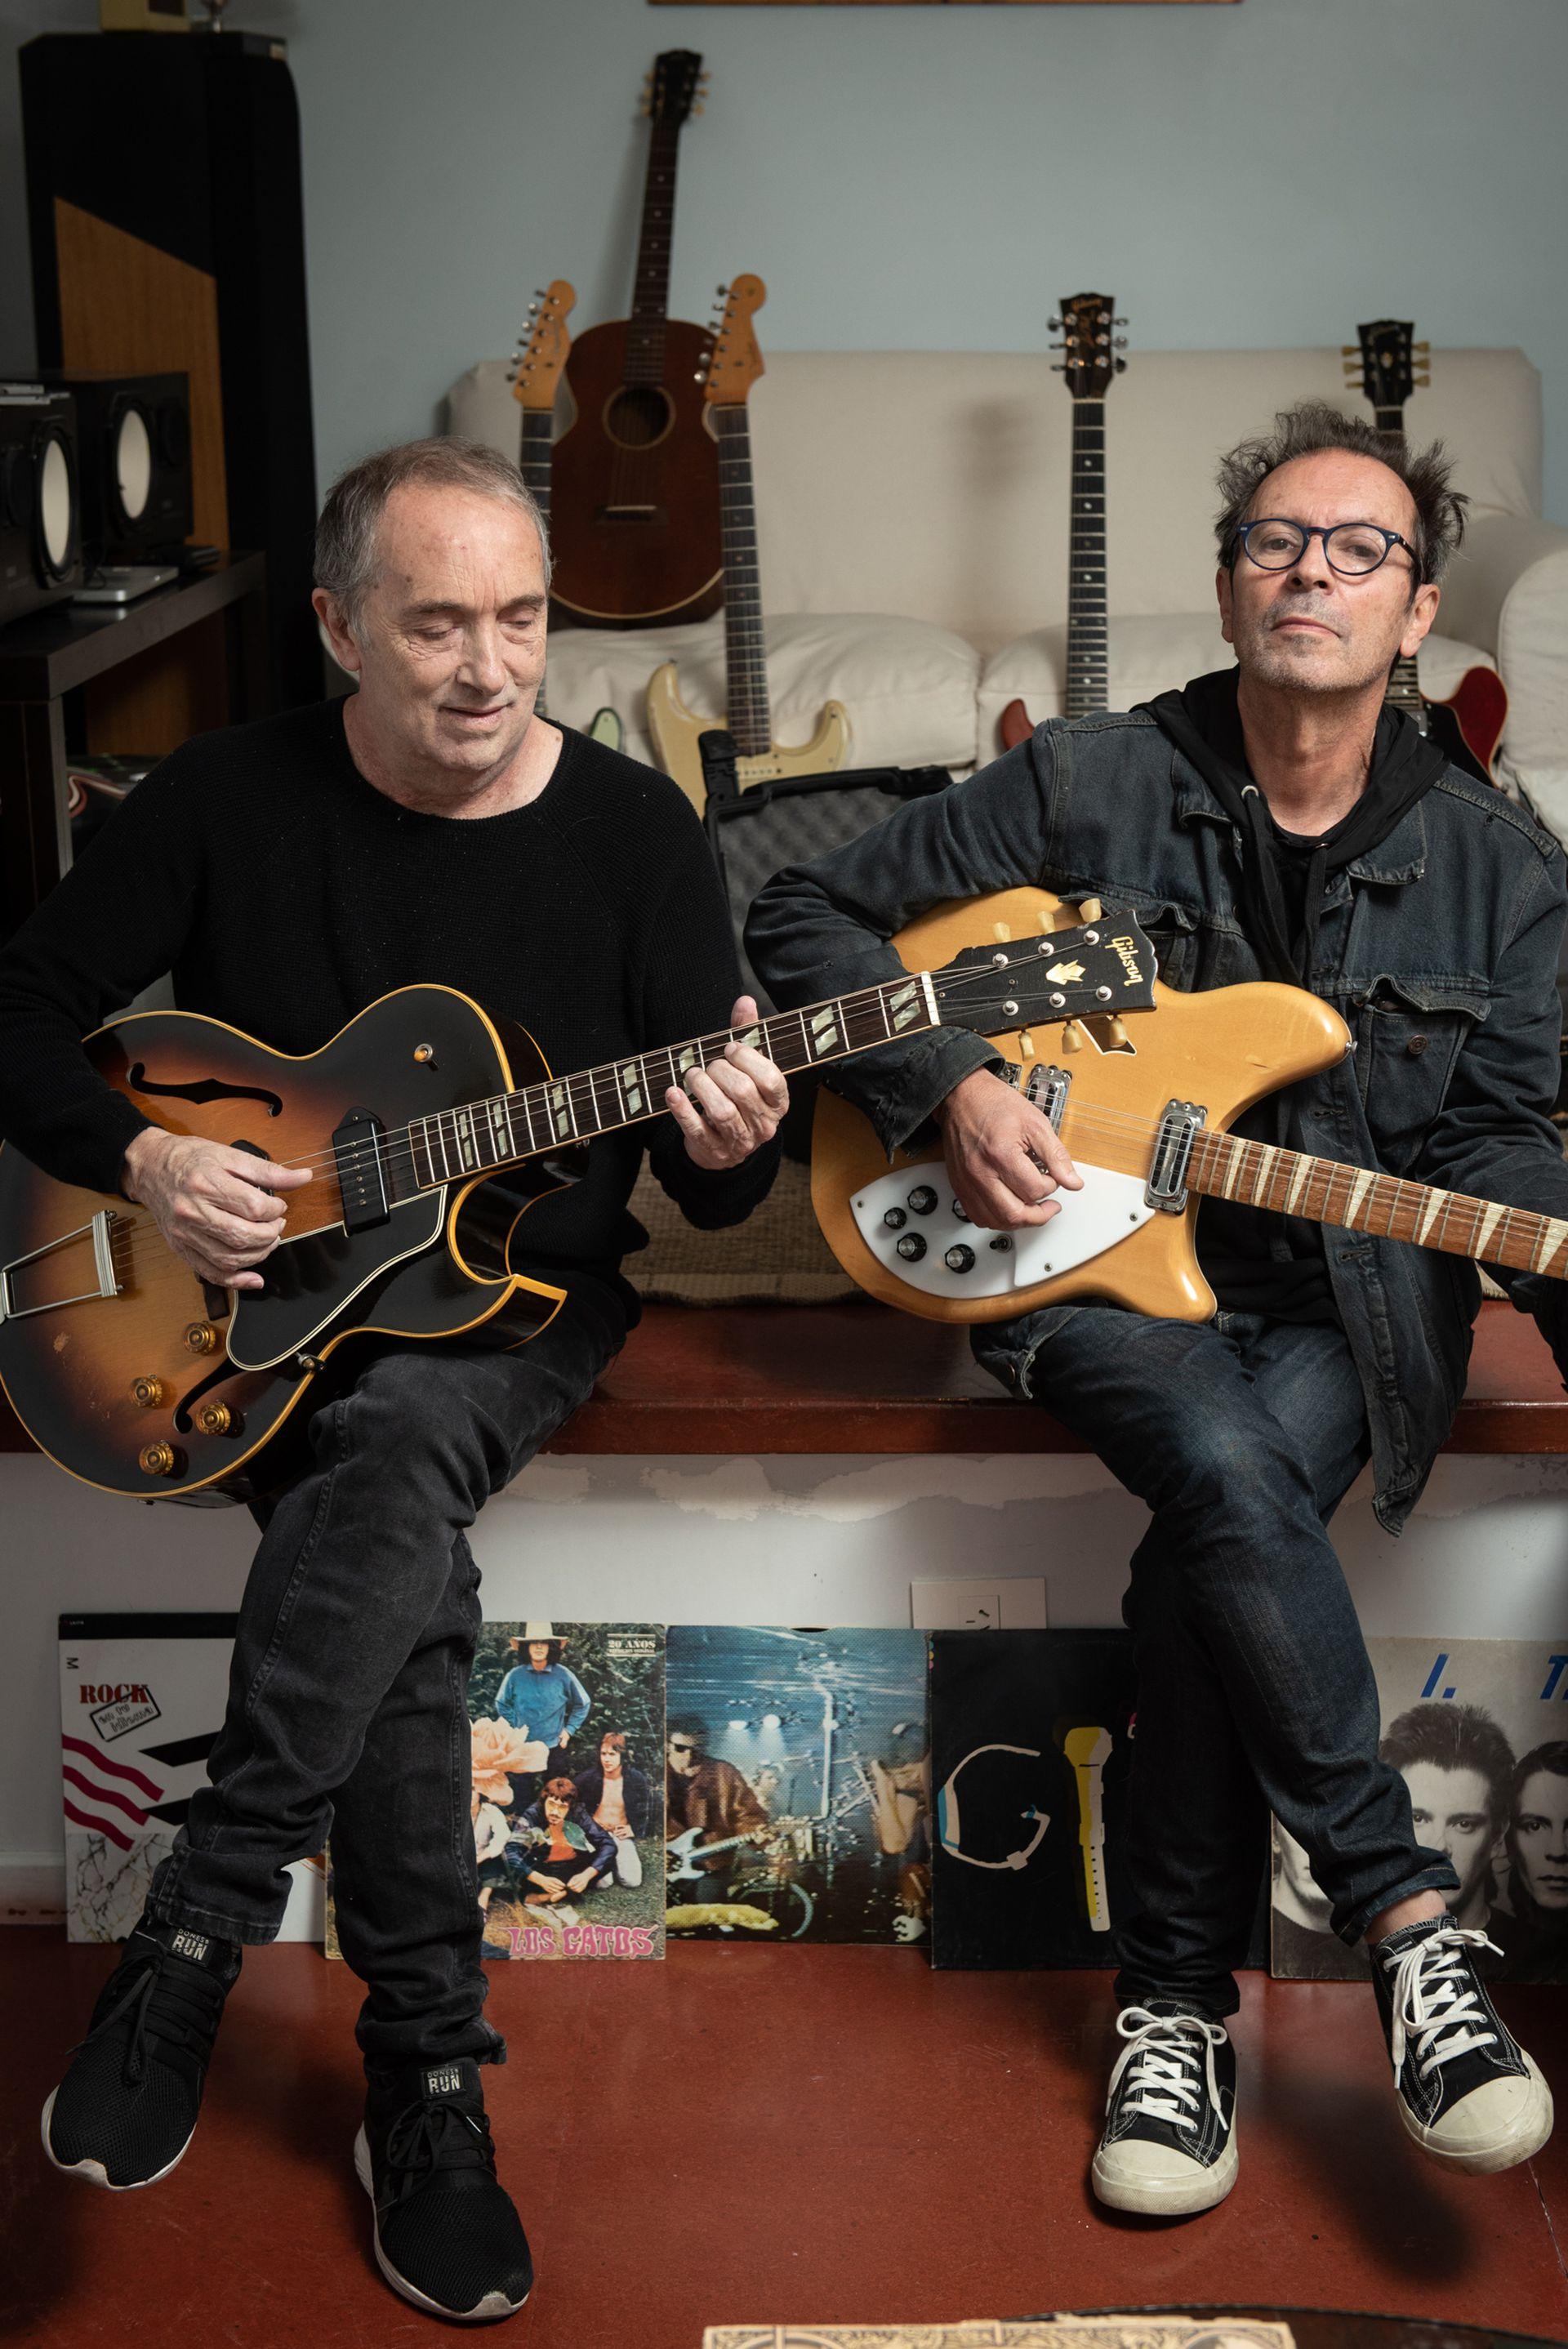 Pablo Guyot y Alfredo Toth, cuarenta años de amistad y de una sólida sociedad musical